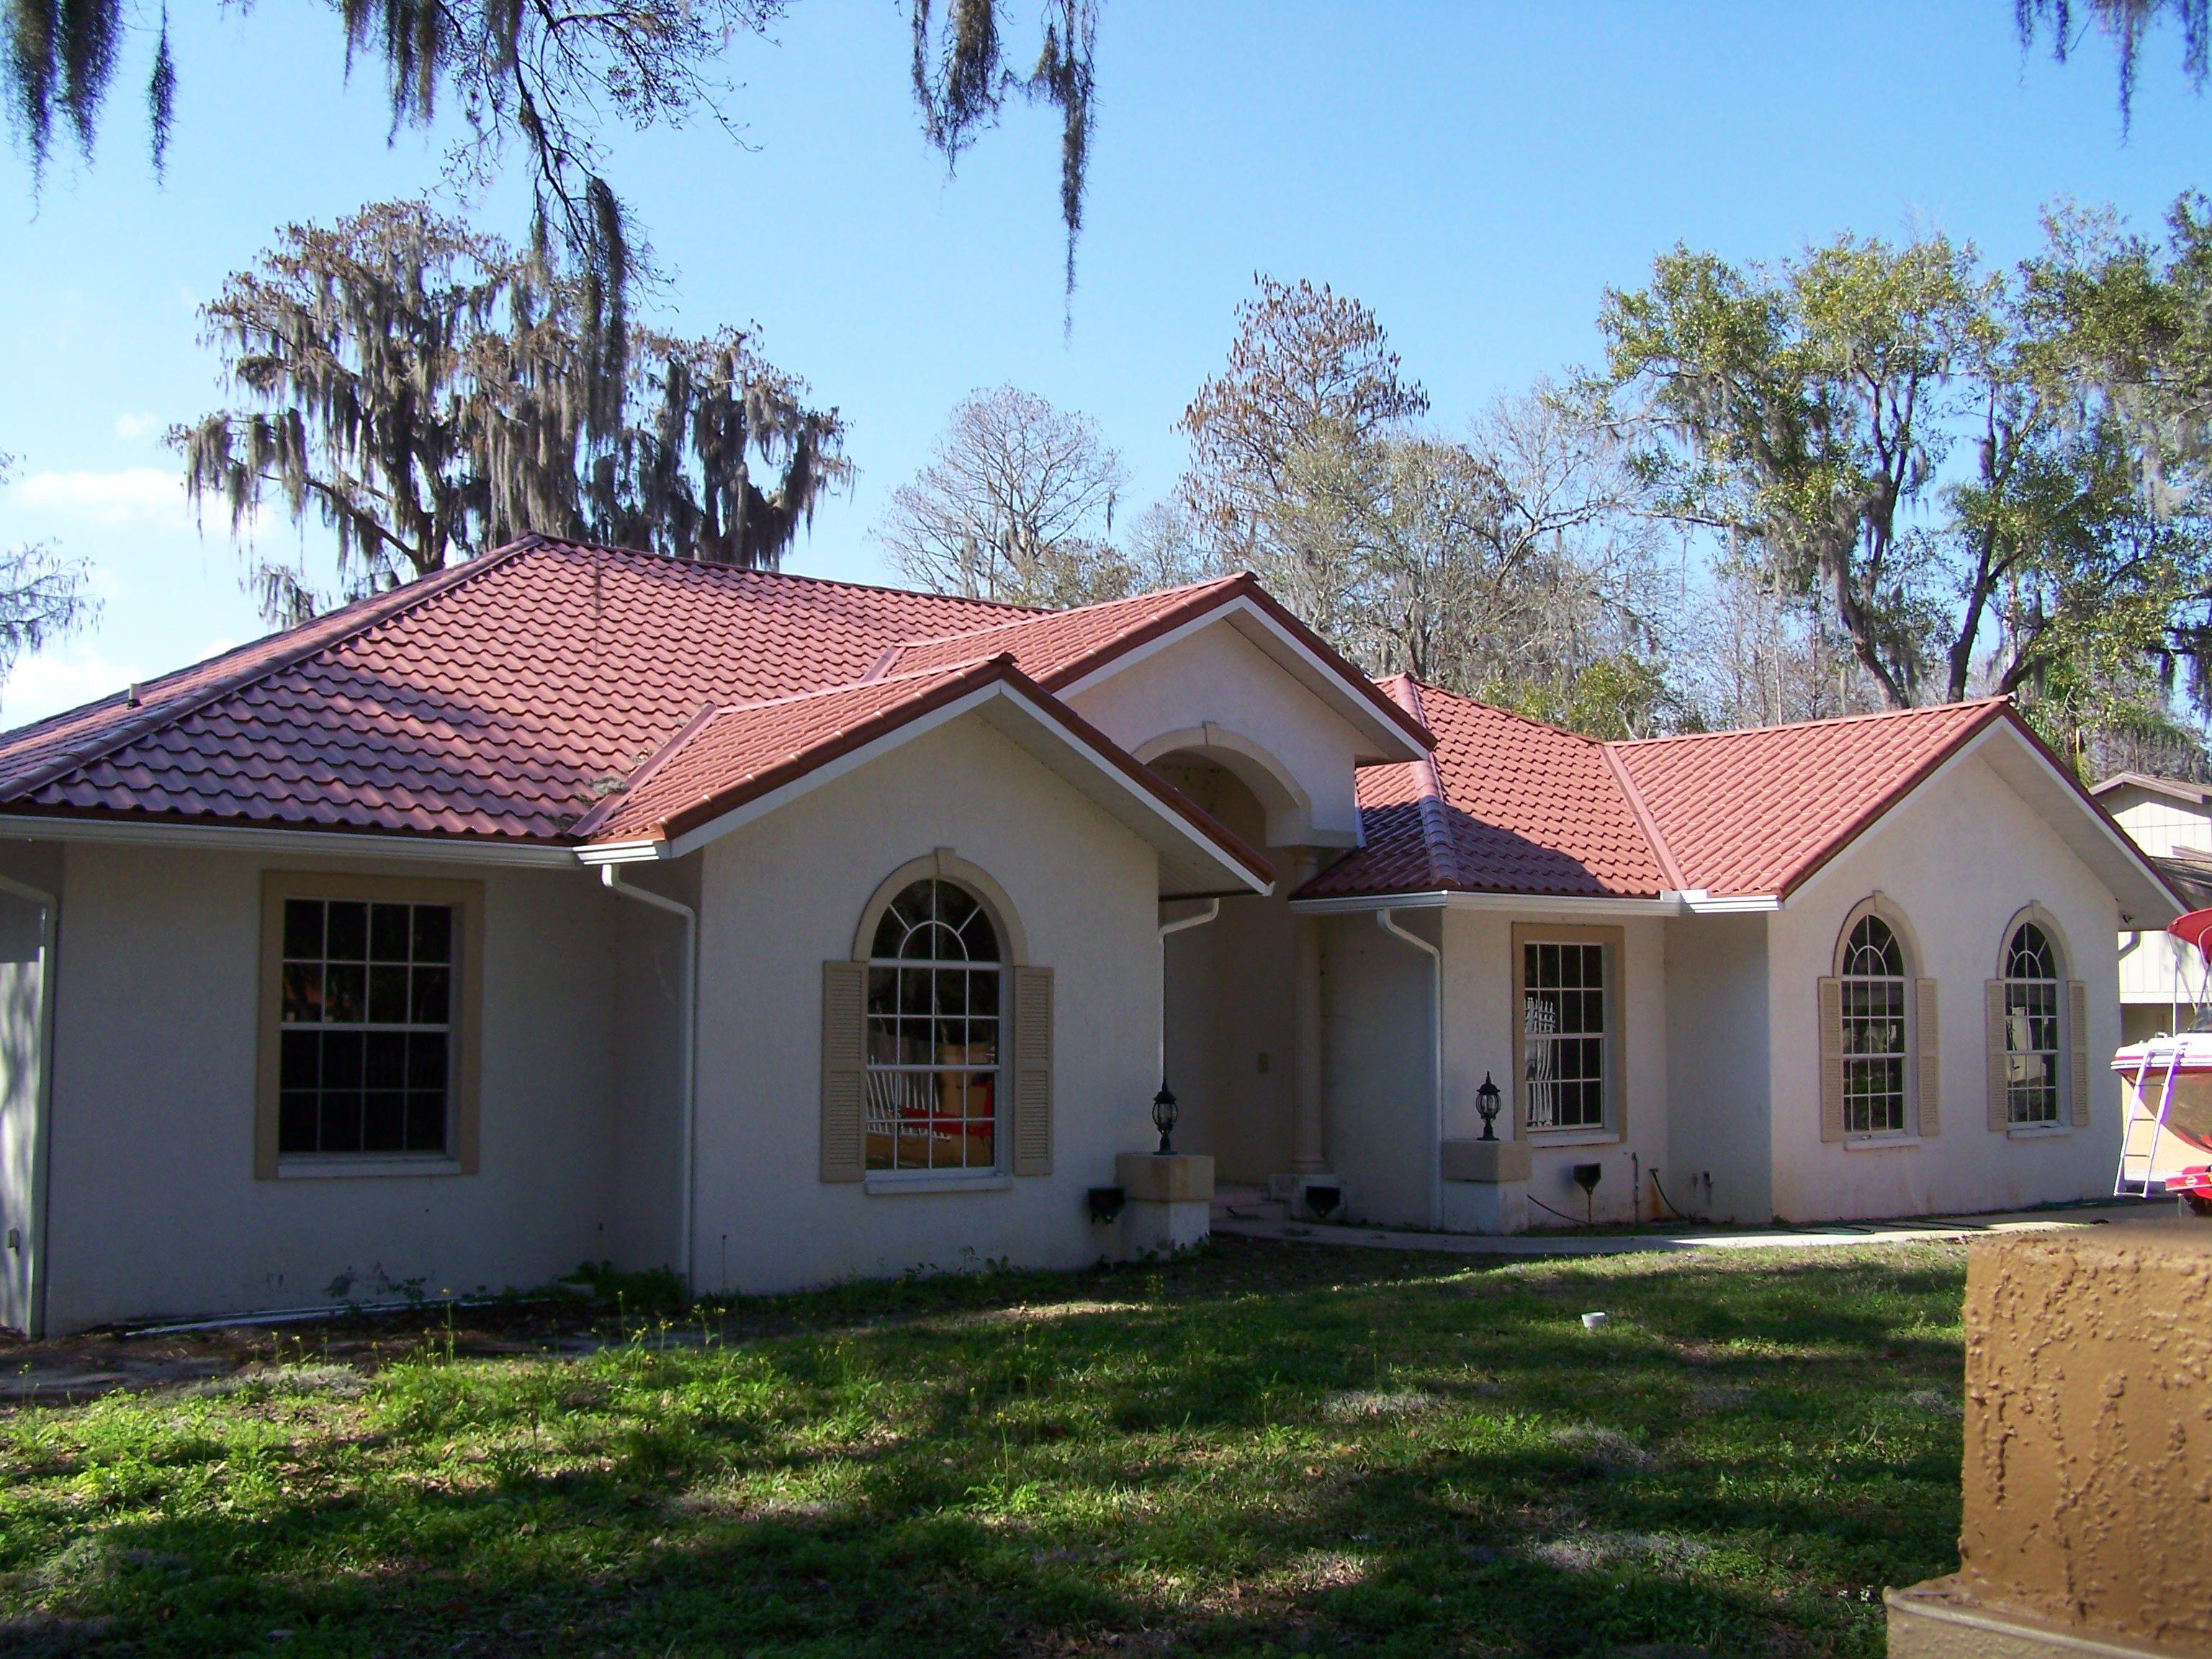 Future Tile Terra Cotta Lg Jpg 3072 2304 Mediterranean Tile Steel Roofing House Exterior